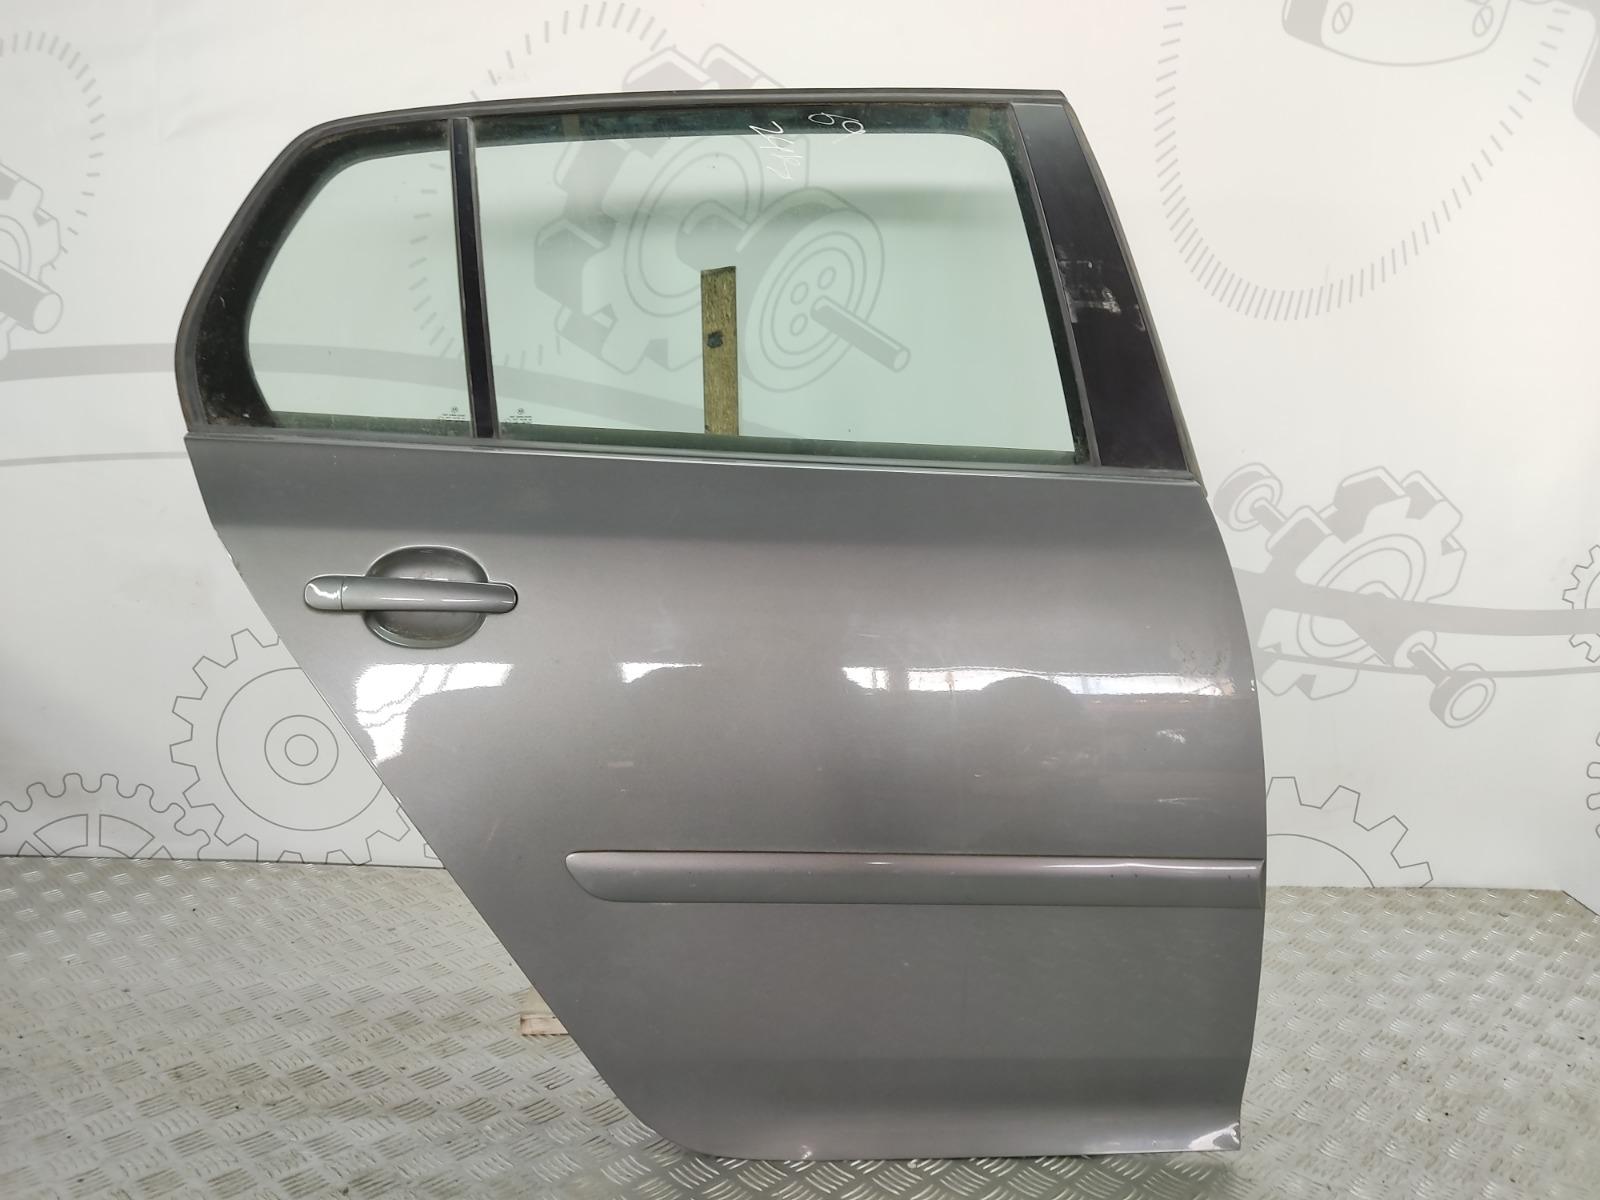 Дверь задняя правая Volkswagen Golf 5 2.0 TDI 2005 (б/у)